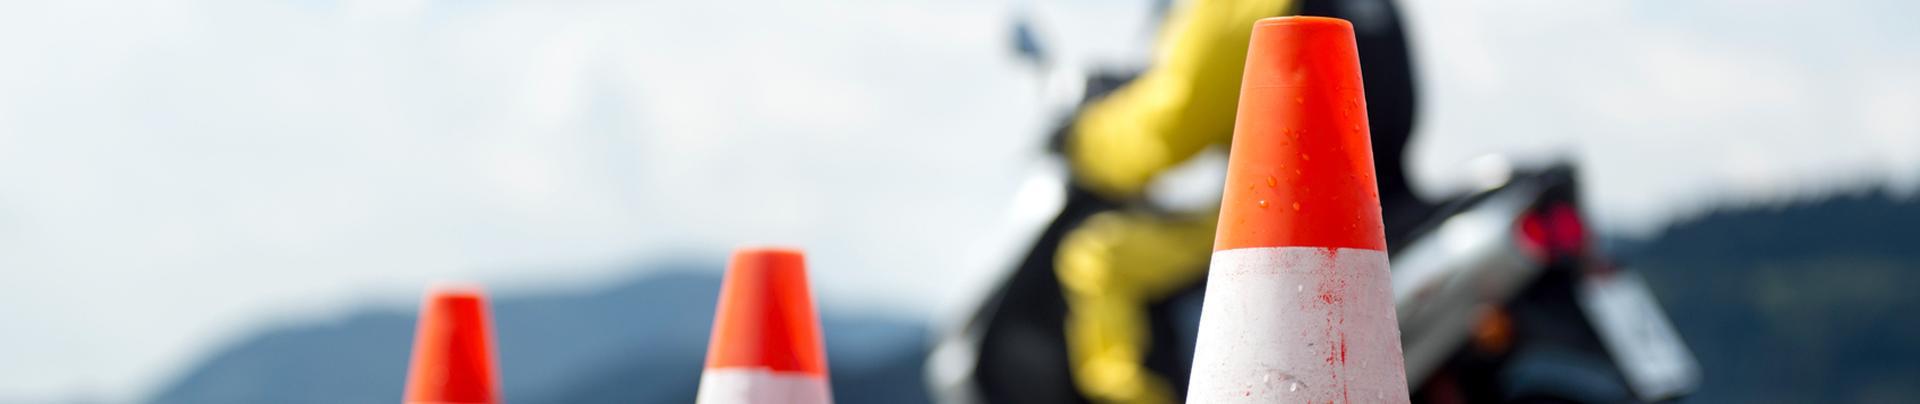 Cones de signalisation et scooter passage du permis